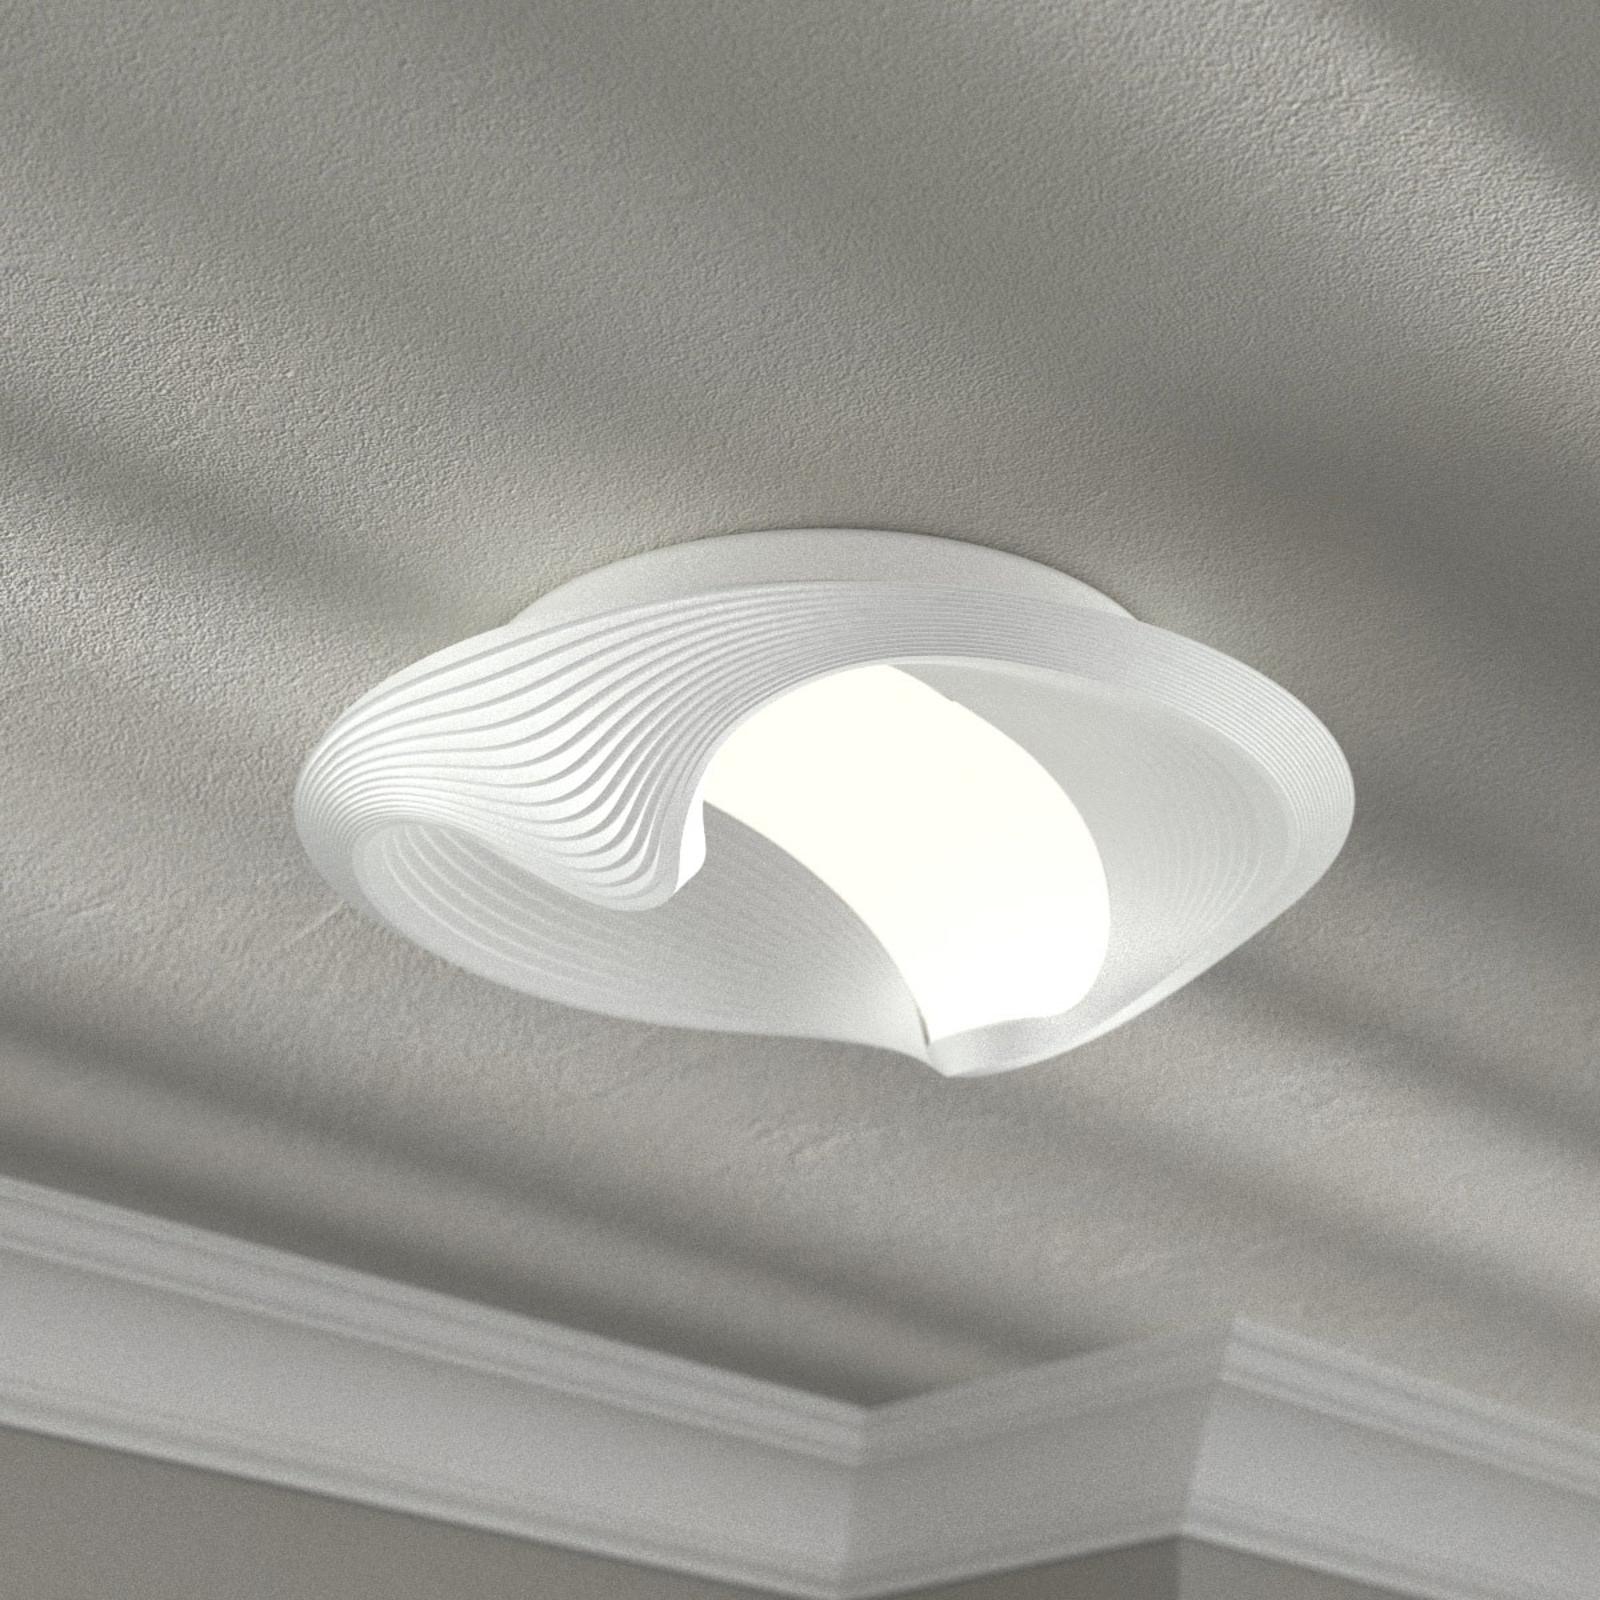 Cini&Nils Sestessa - LED-Designer-Deckenlampe